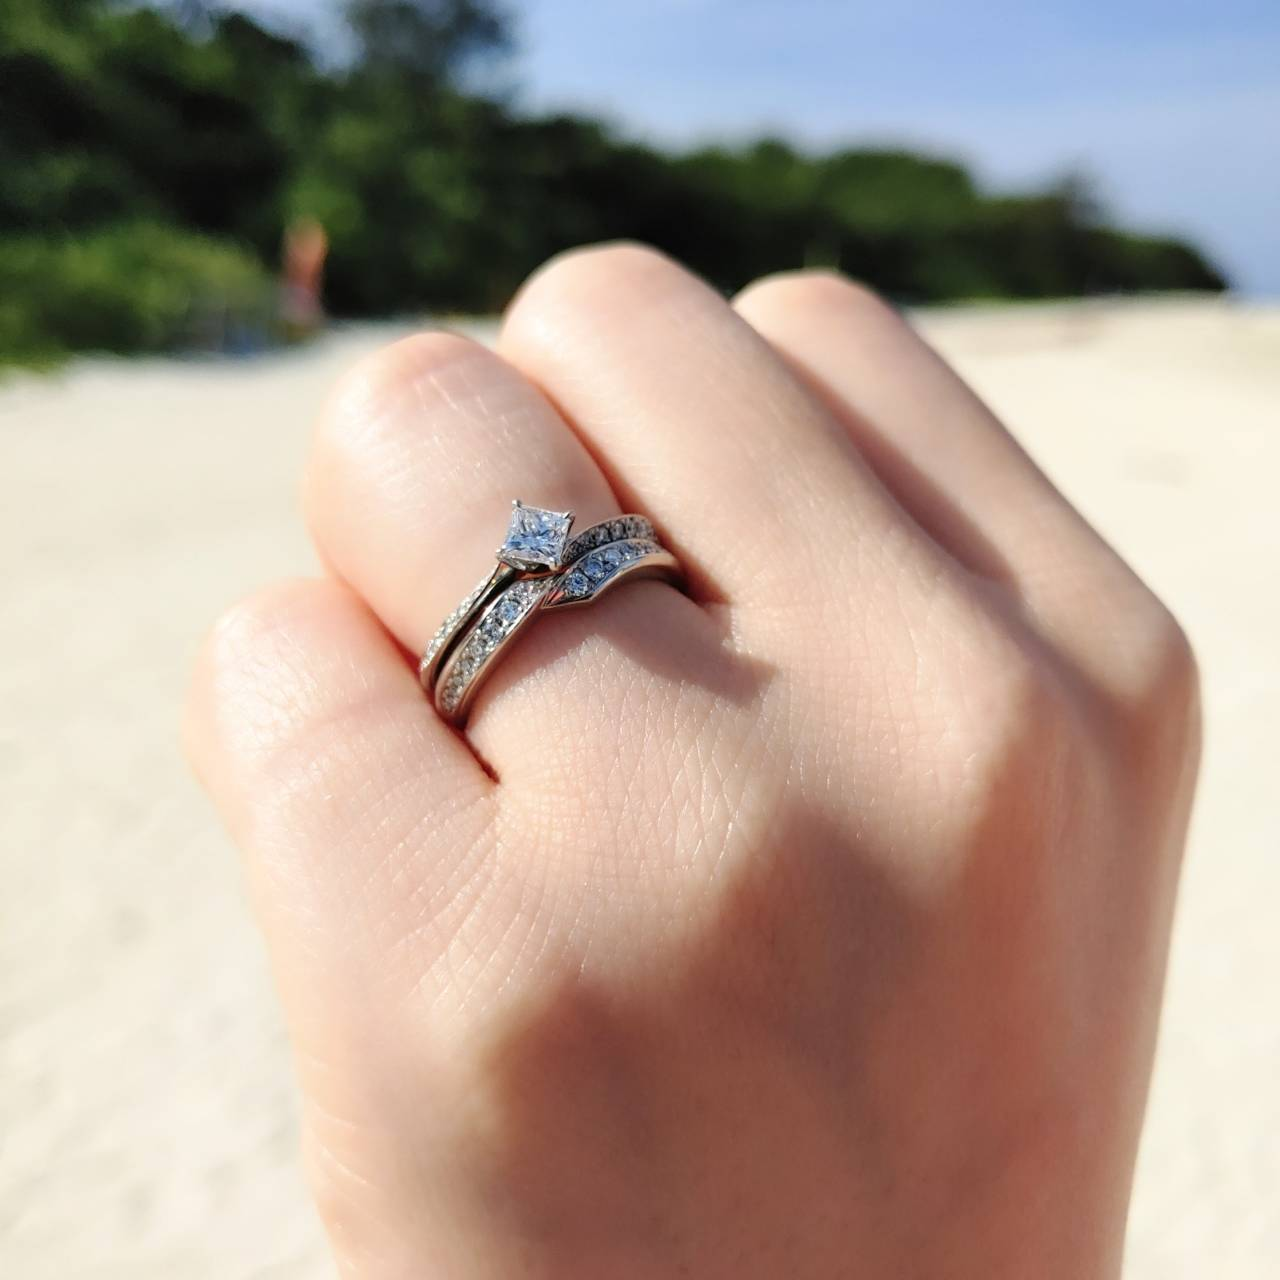 沖縄の浜島で撮影した婚約指輪と結婚指輪の重ね付け